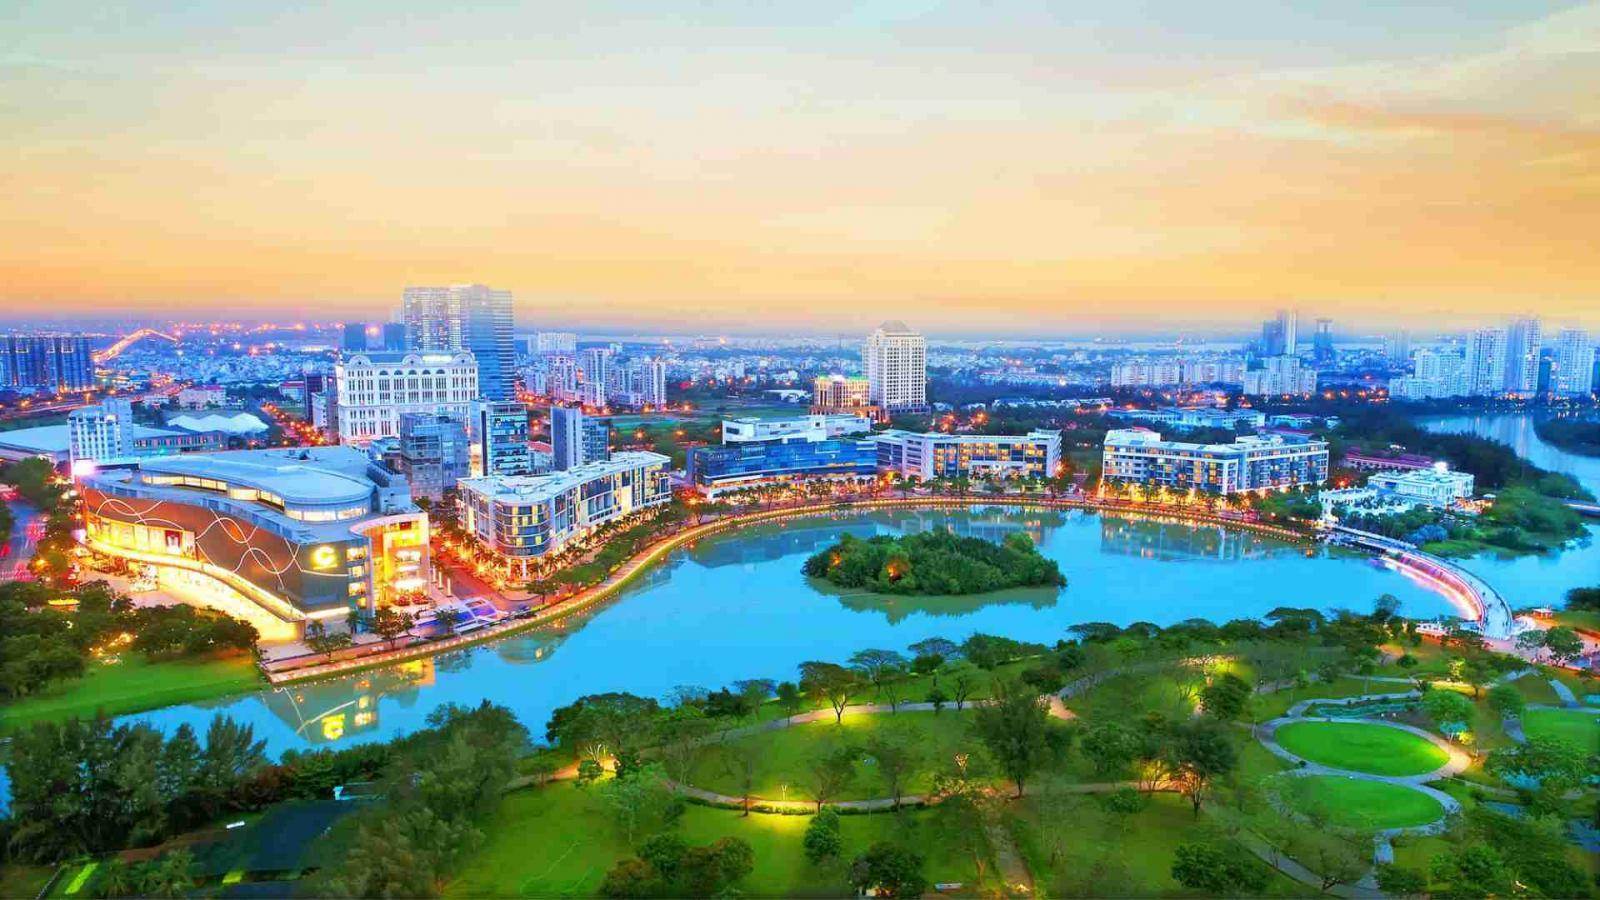 Phường Tân Phong Quận 7 nhìn từ trên cao